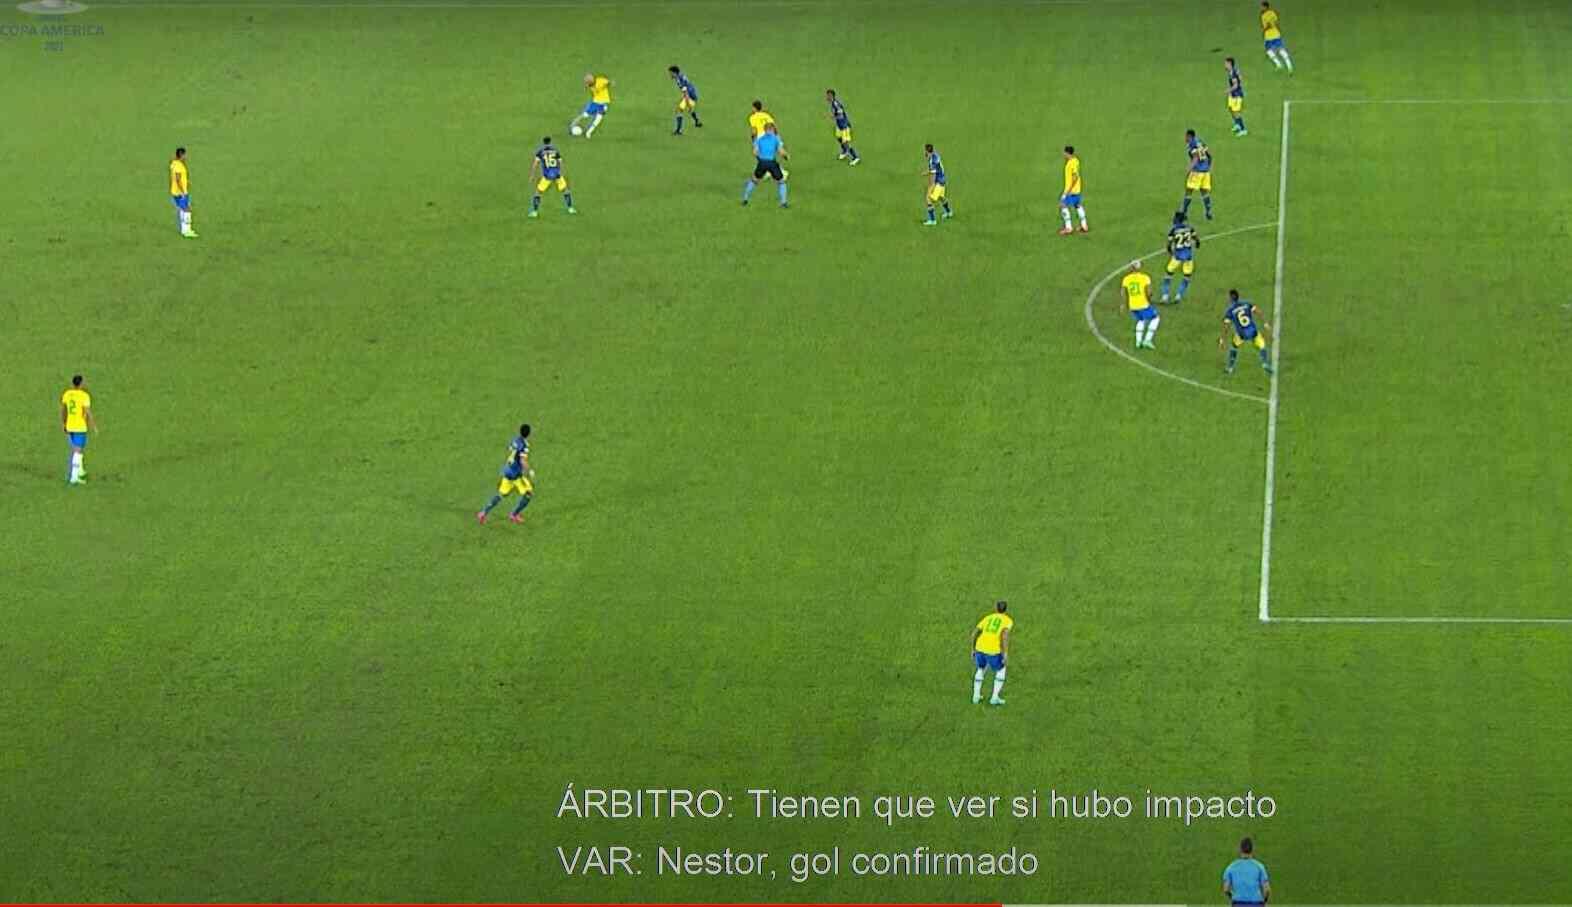 Audio del VAR. Así obraron los árbitros en la jugada del empate brasilero